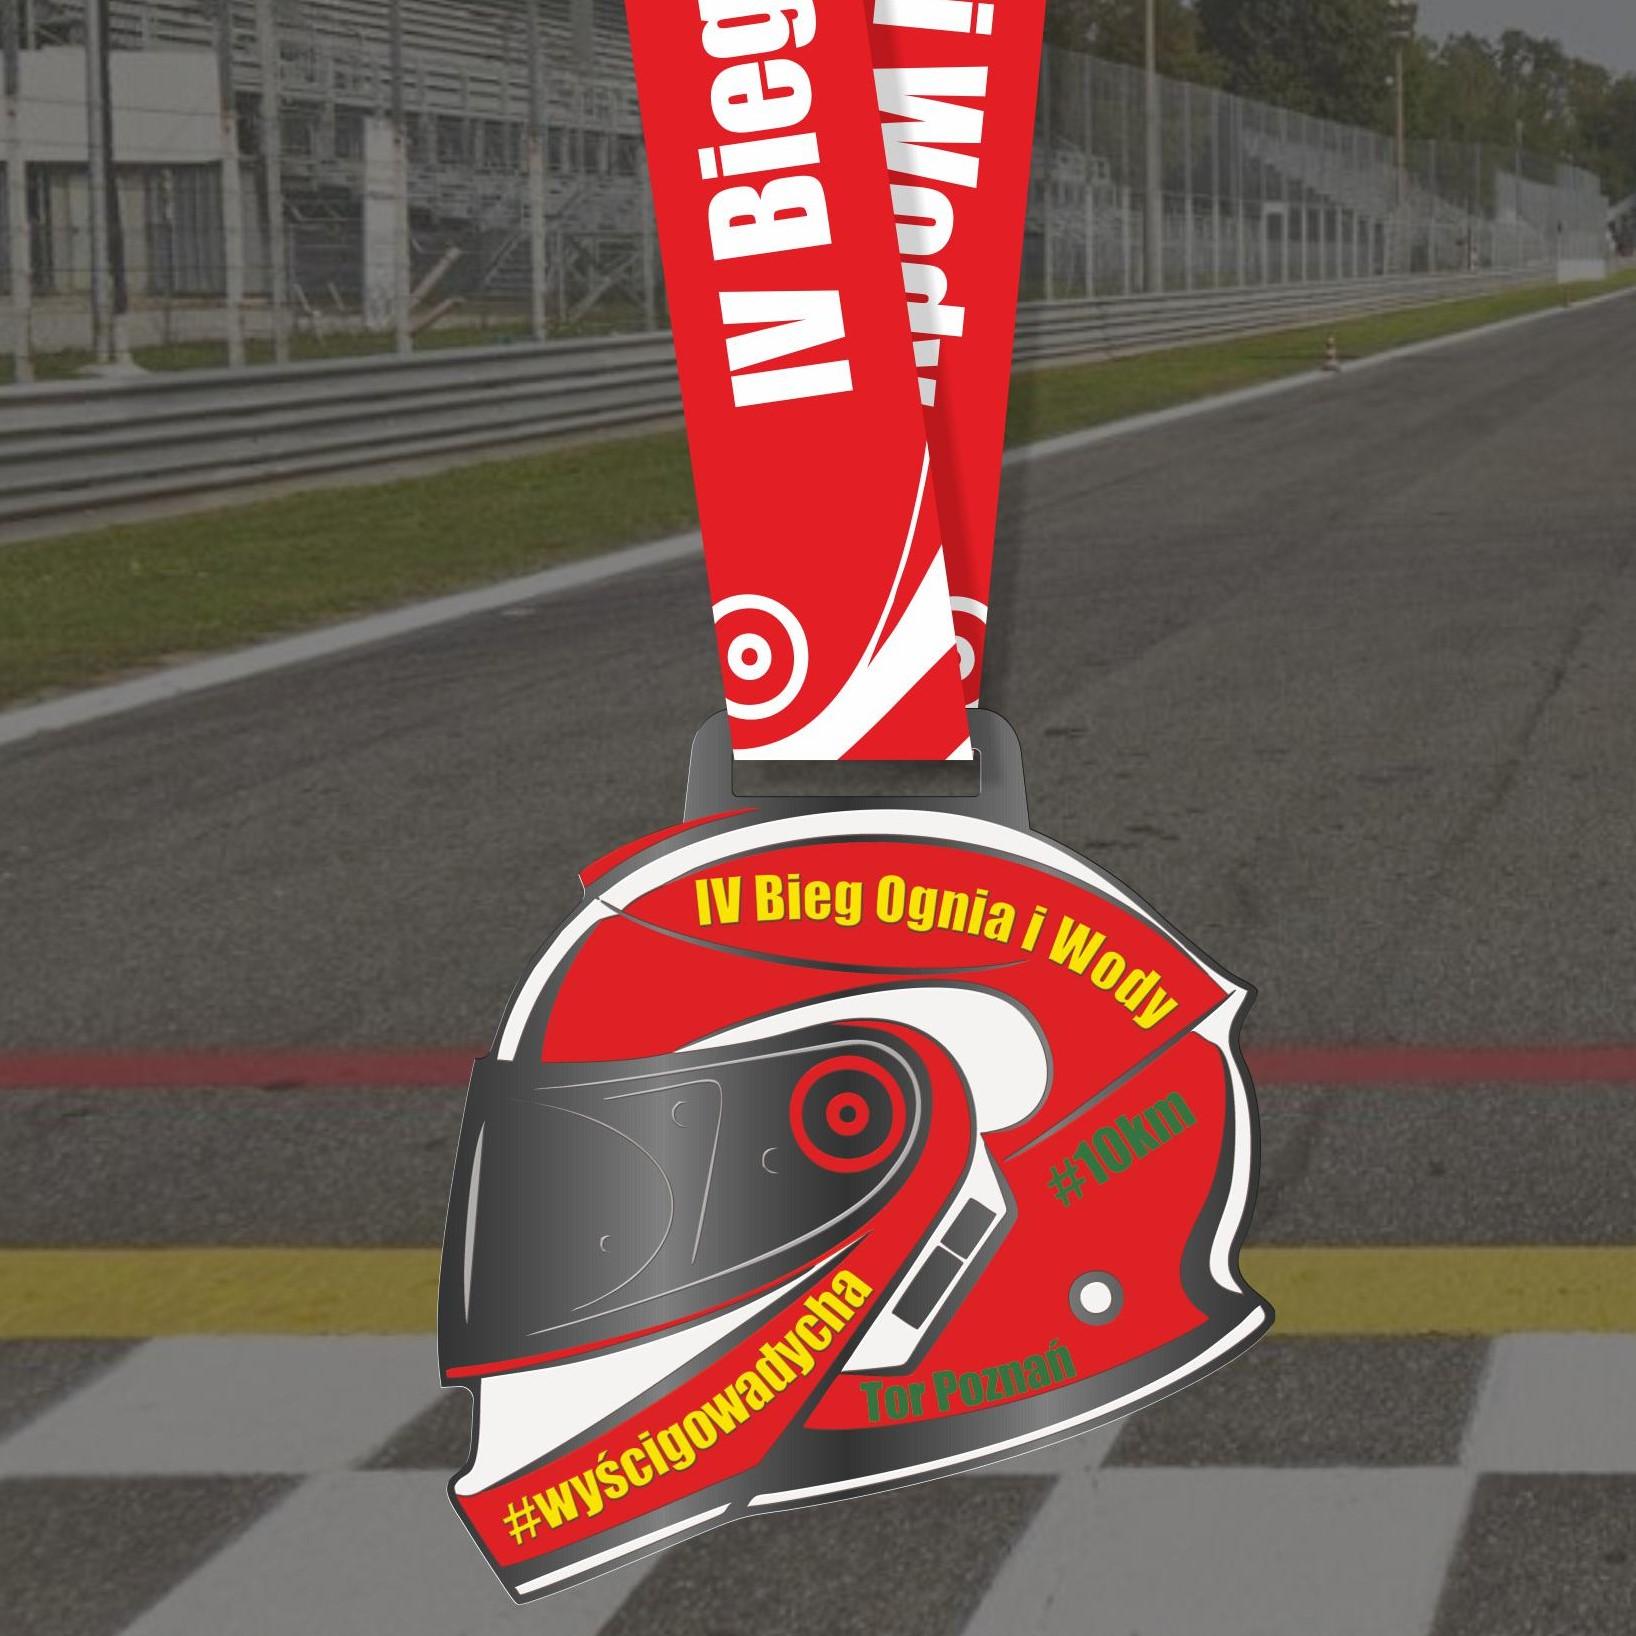 Nasz Patronat. Prezentujemy medal IV Biegu Ognia i Wody #wyścigowadycha